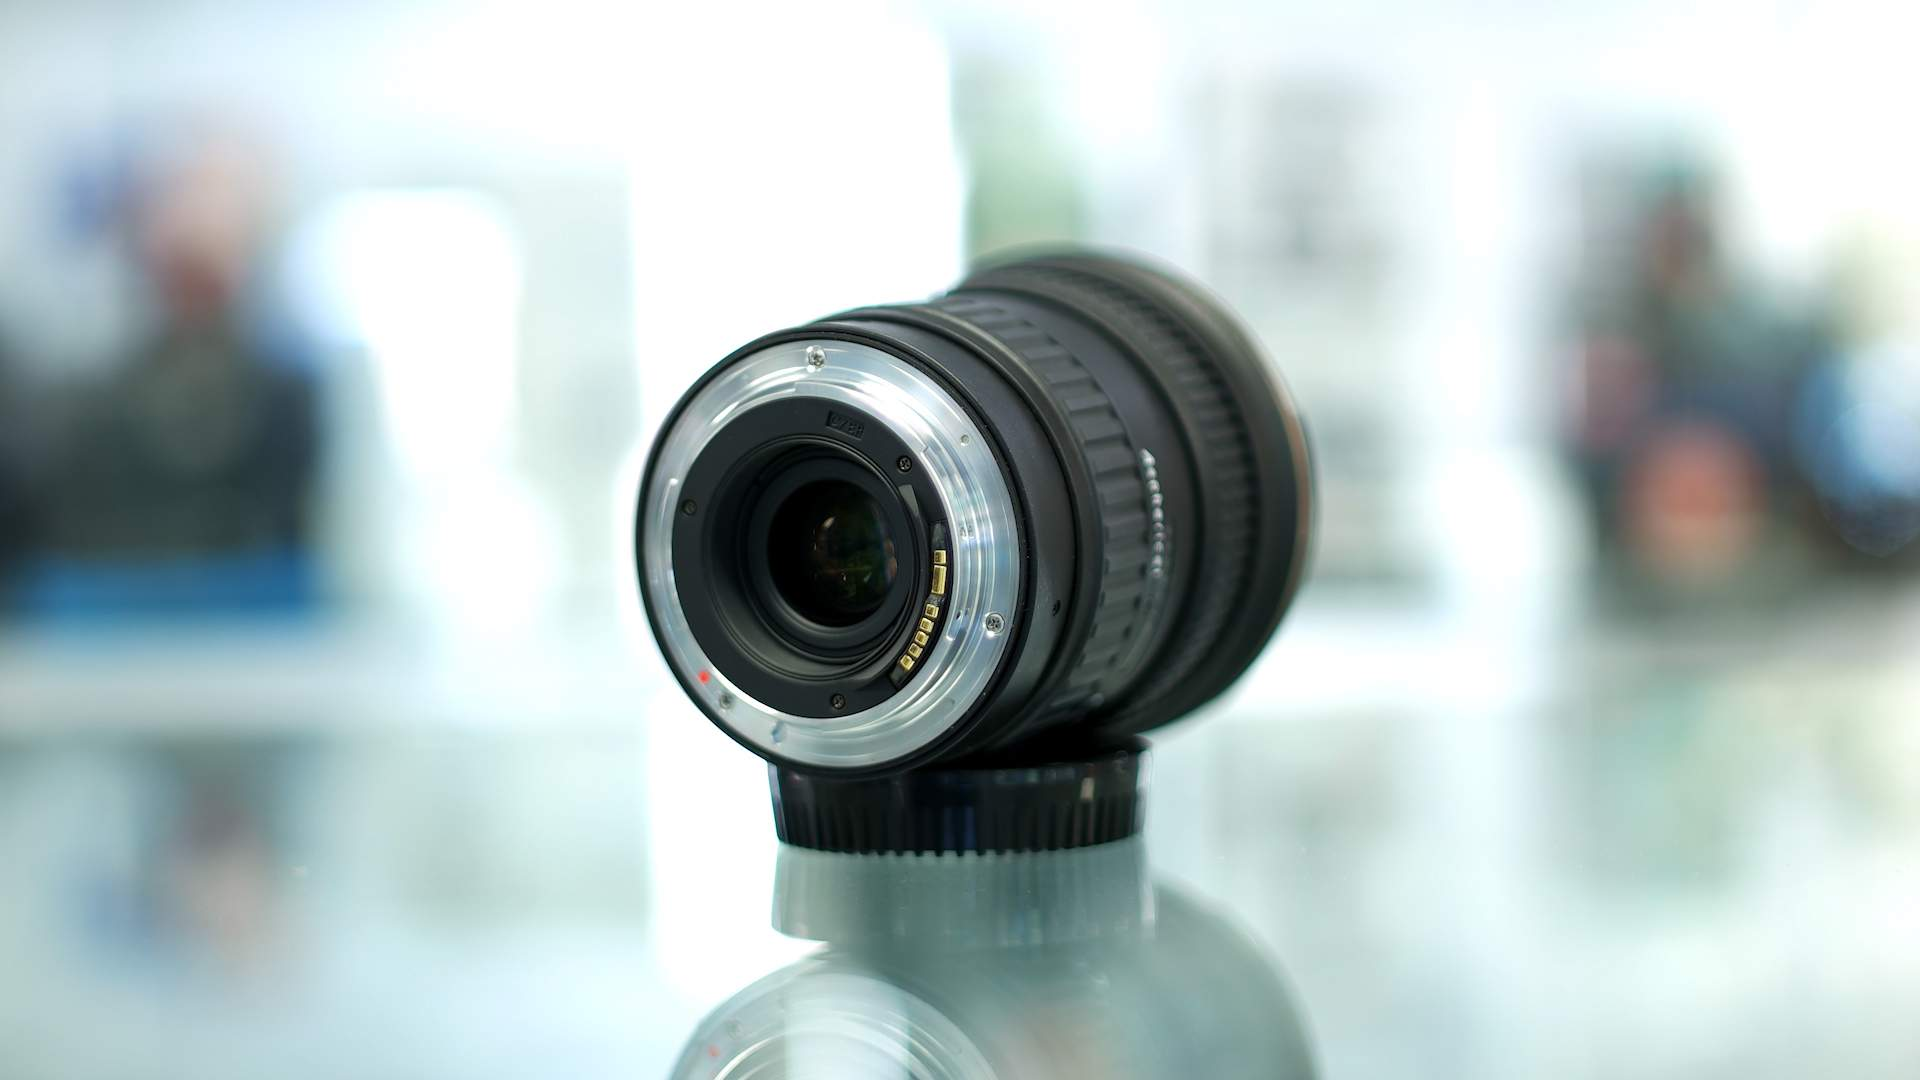 Dettaglio baionetta obiettivo Tokina 17-35mm f4 Pro FX